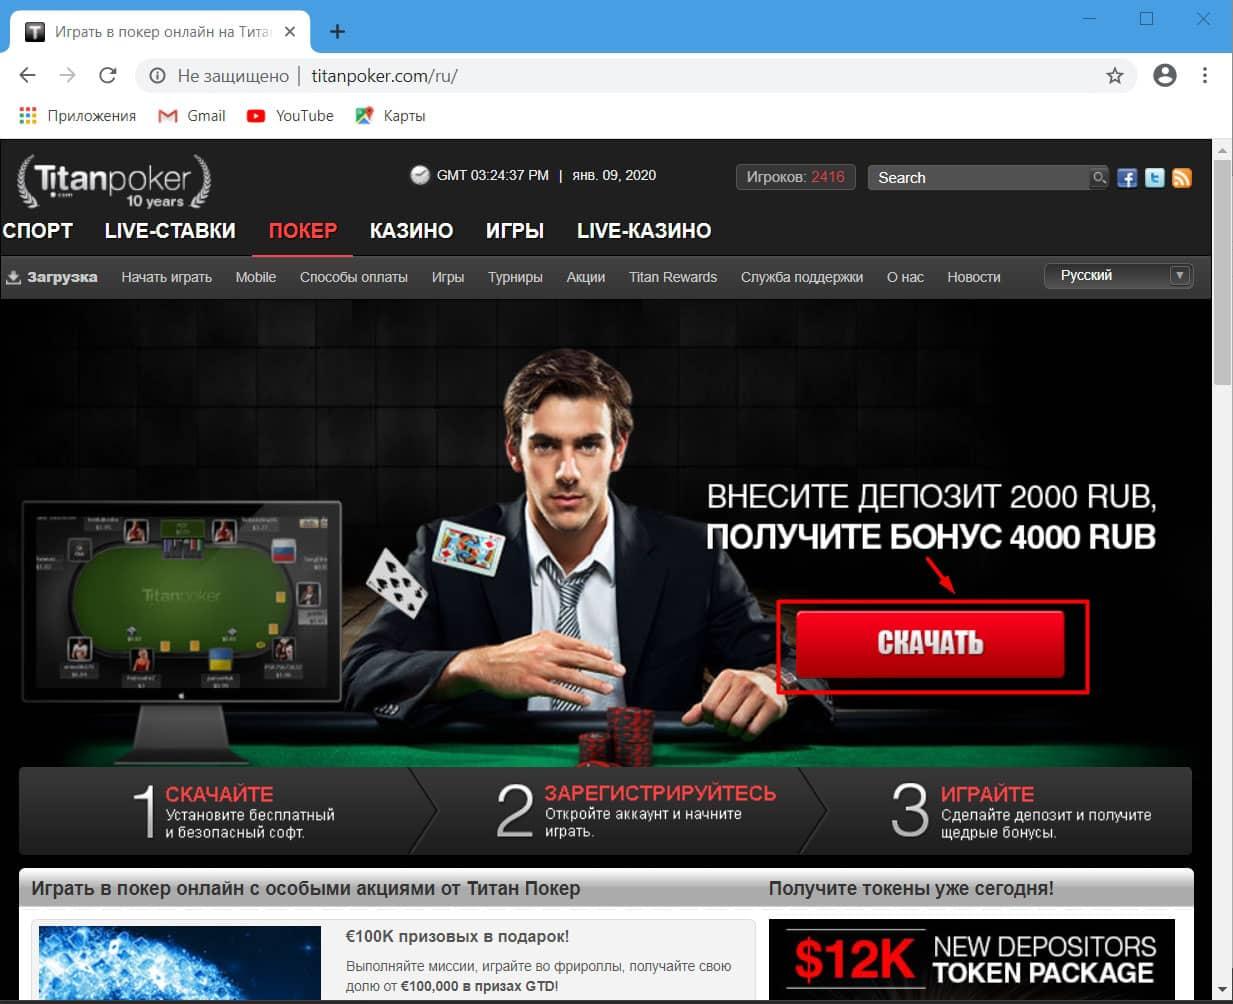 Скачать клиент Titan poker с официального сайта рума.